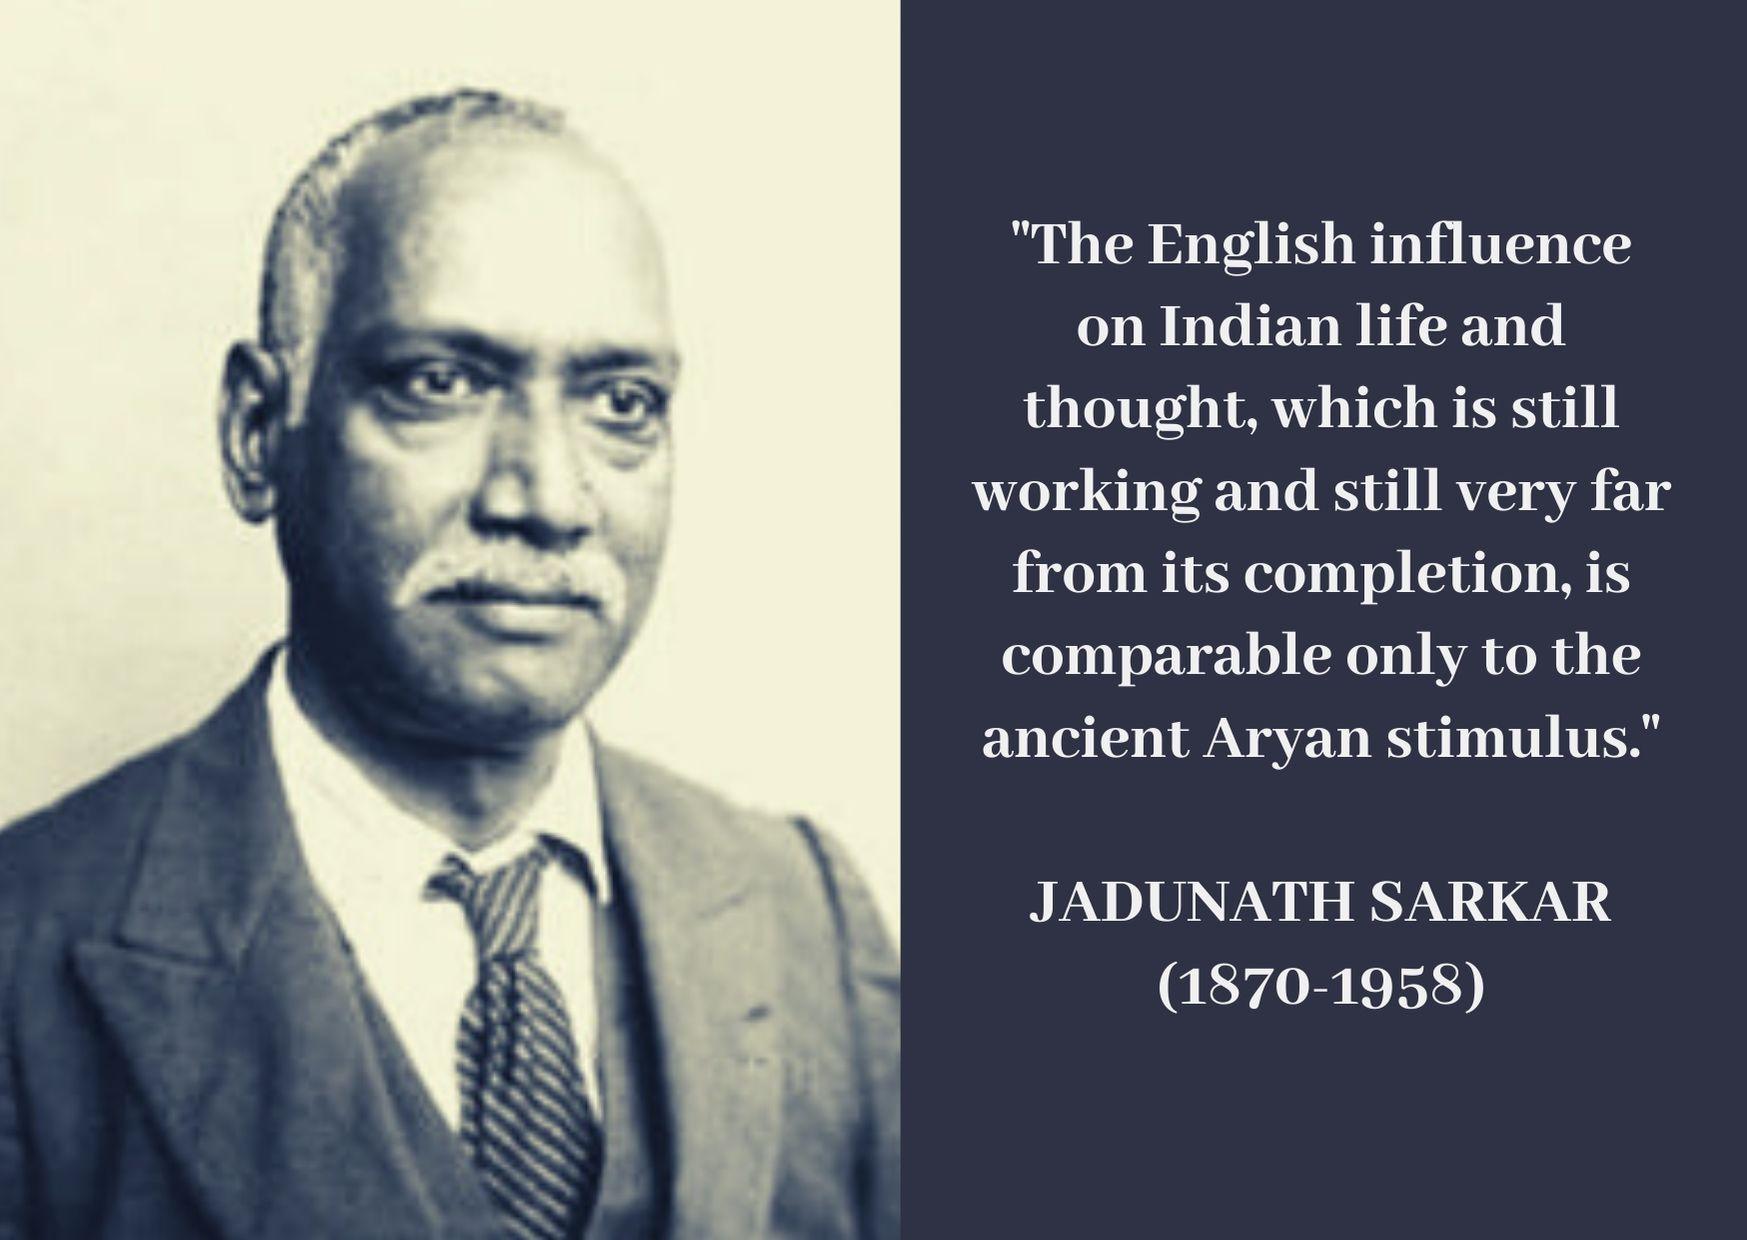 Sir Jadunath Sarkar